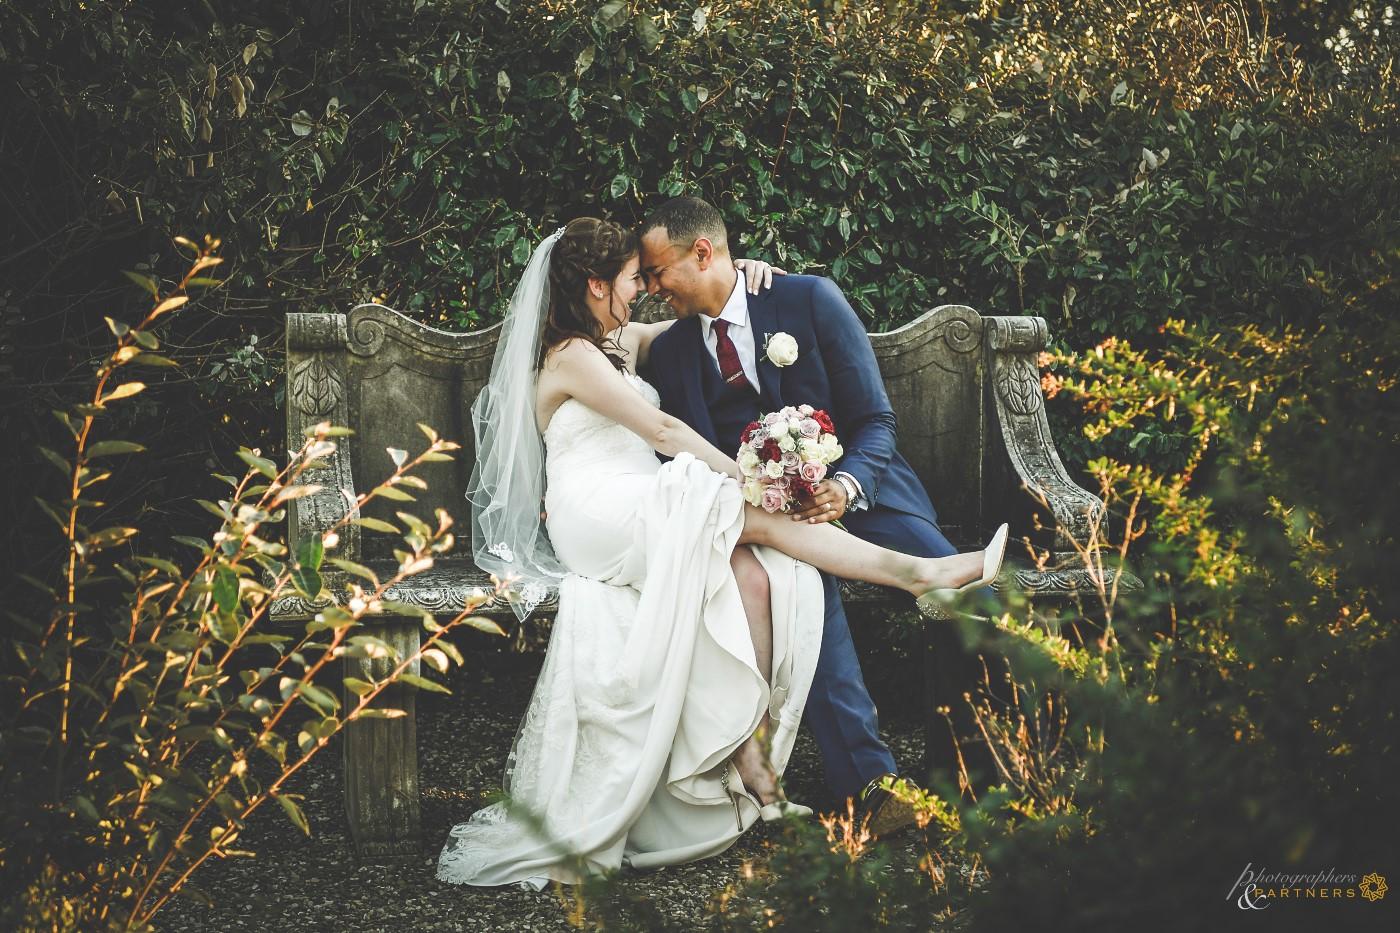 photographer_weddings_baroncino_13.jpg